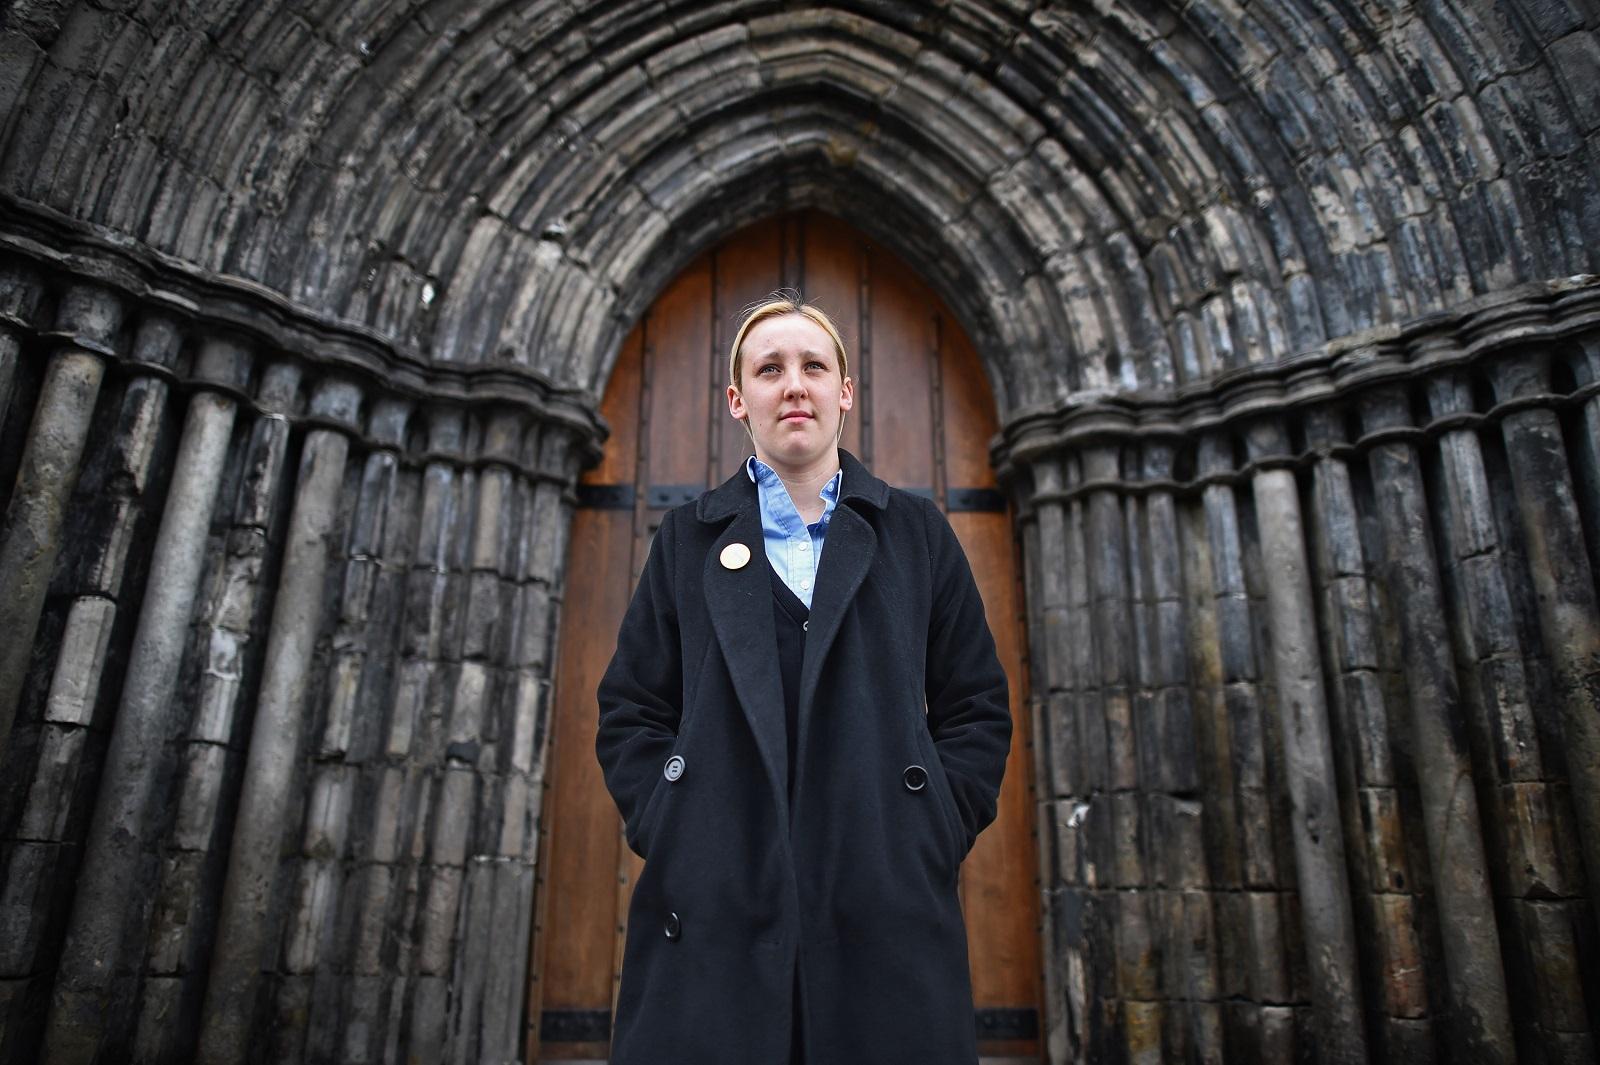 Mhairi Black of the SNP